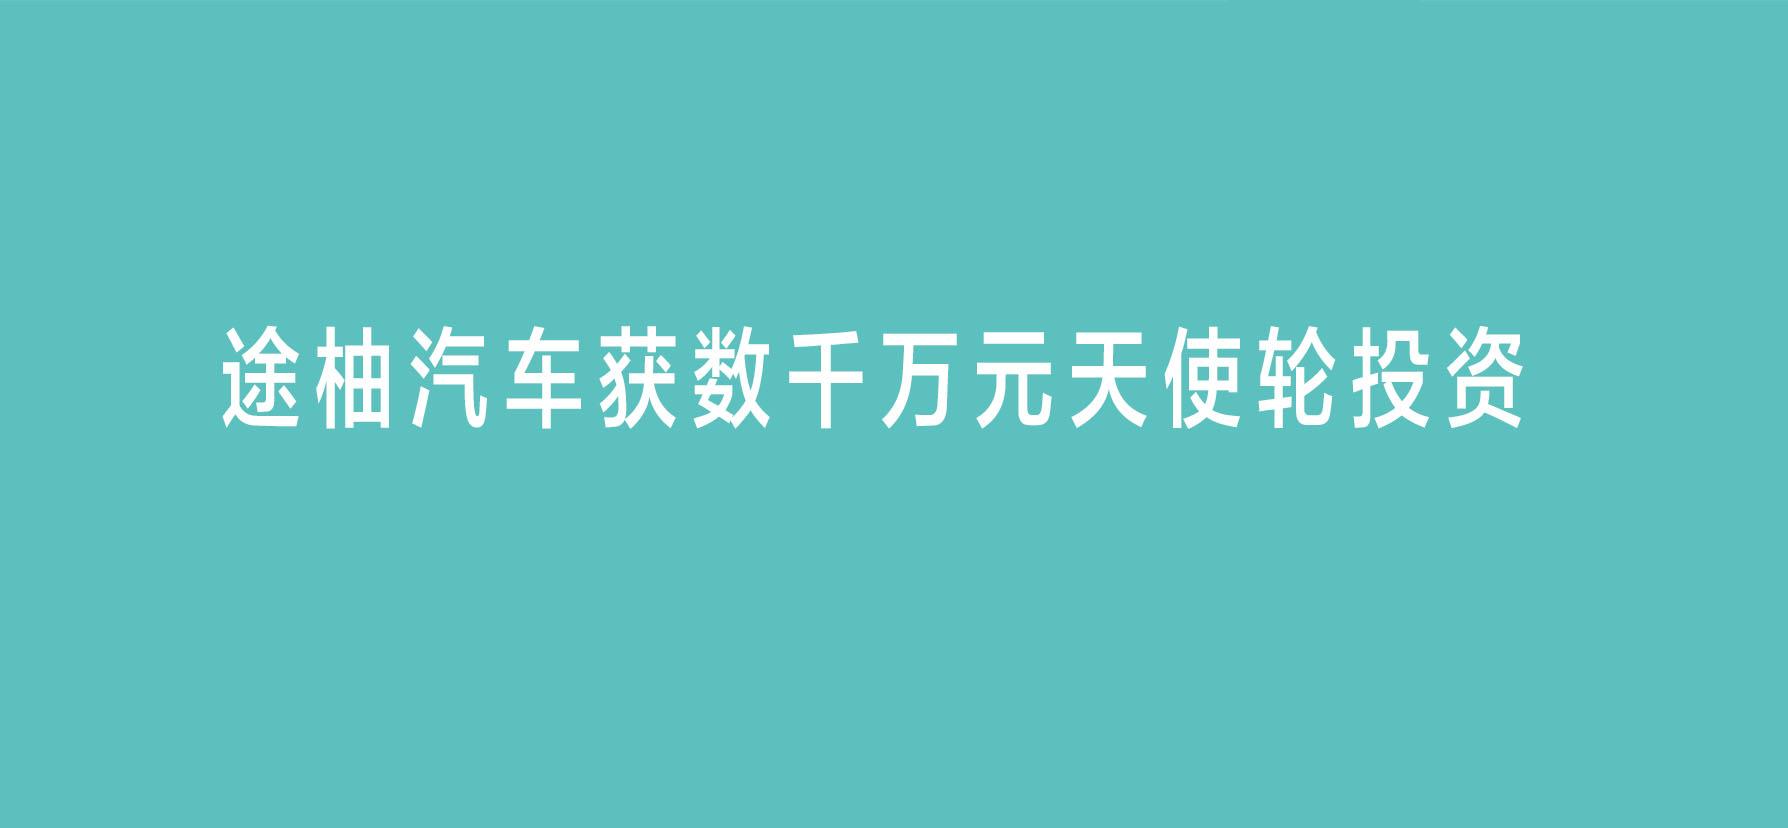 """厦门新能源汽车品牌""""途柚""""获数千万元天使轮投资"""